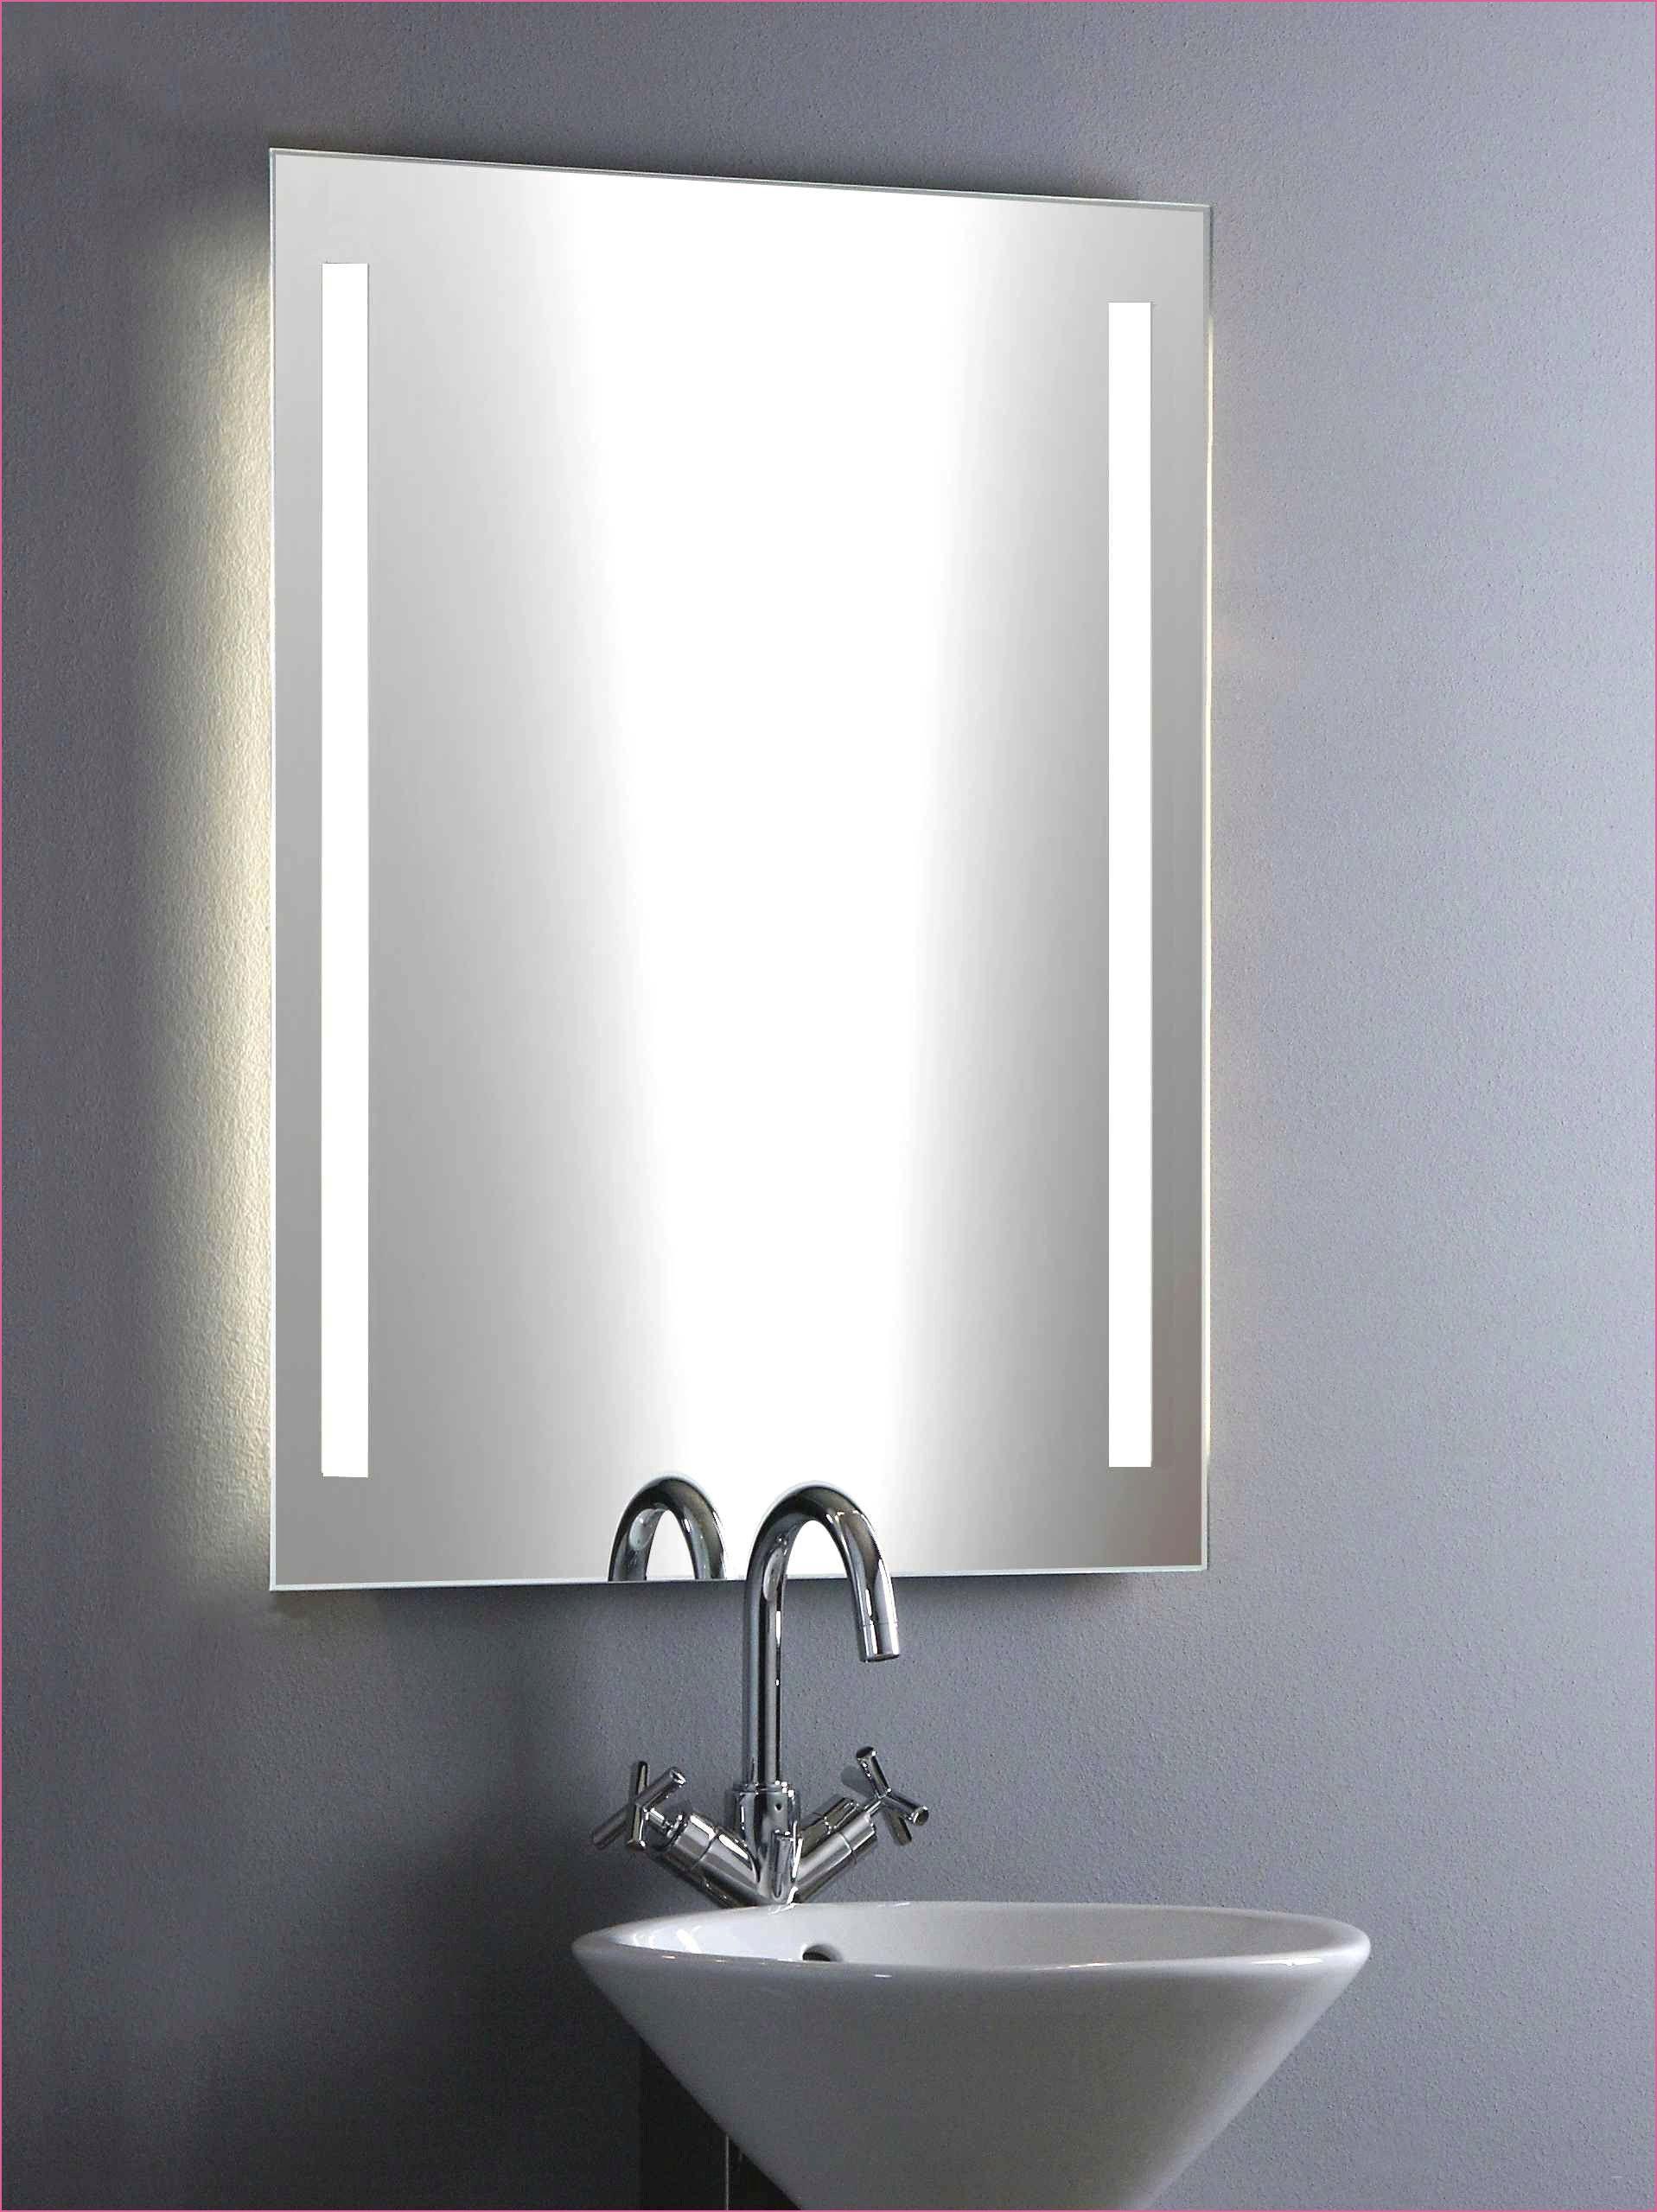 Deko Spiegel Rund in 18  Badezimmerbeleuchtung, Beleuchtung